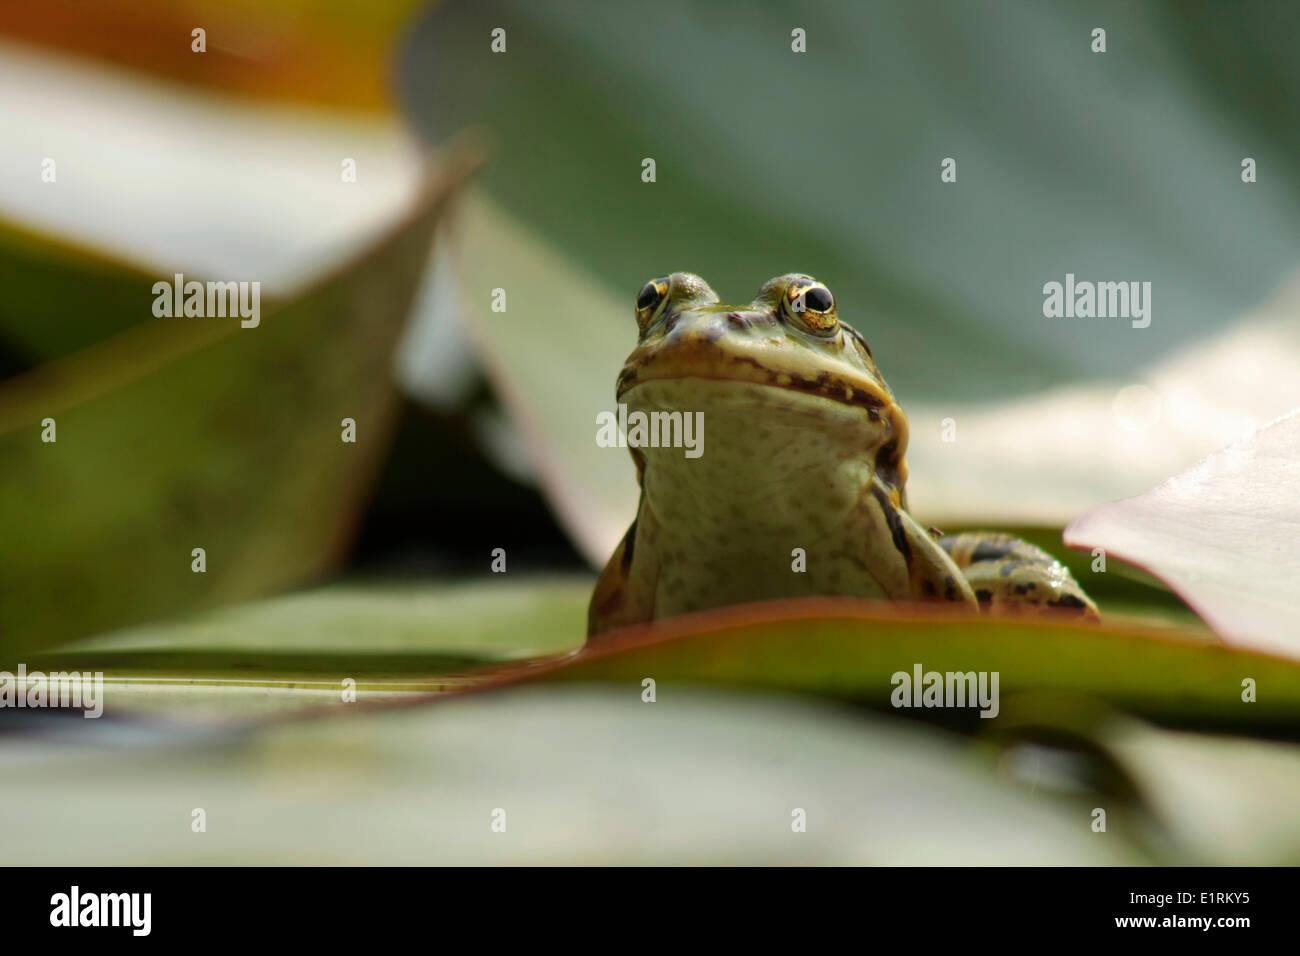 Green Frog or Edible Frog (Rana Esculenta) - Stock Image